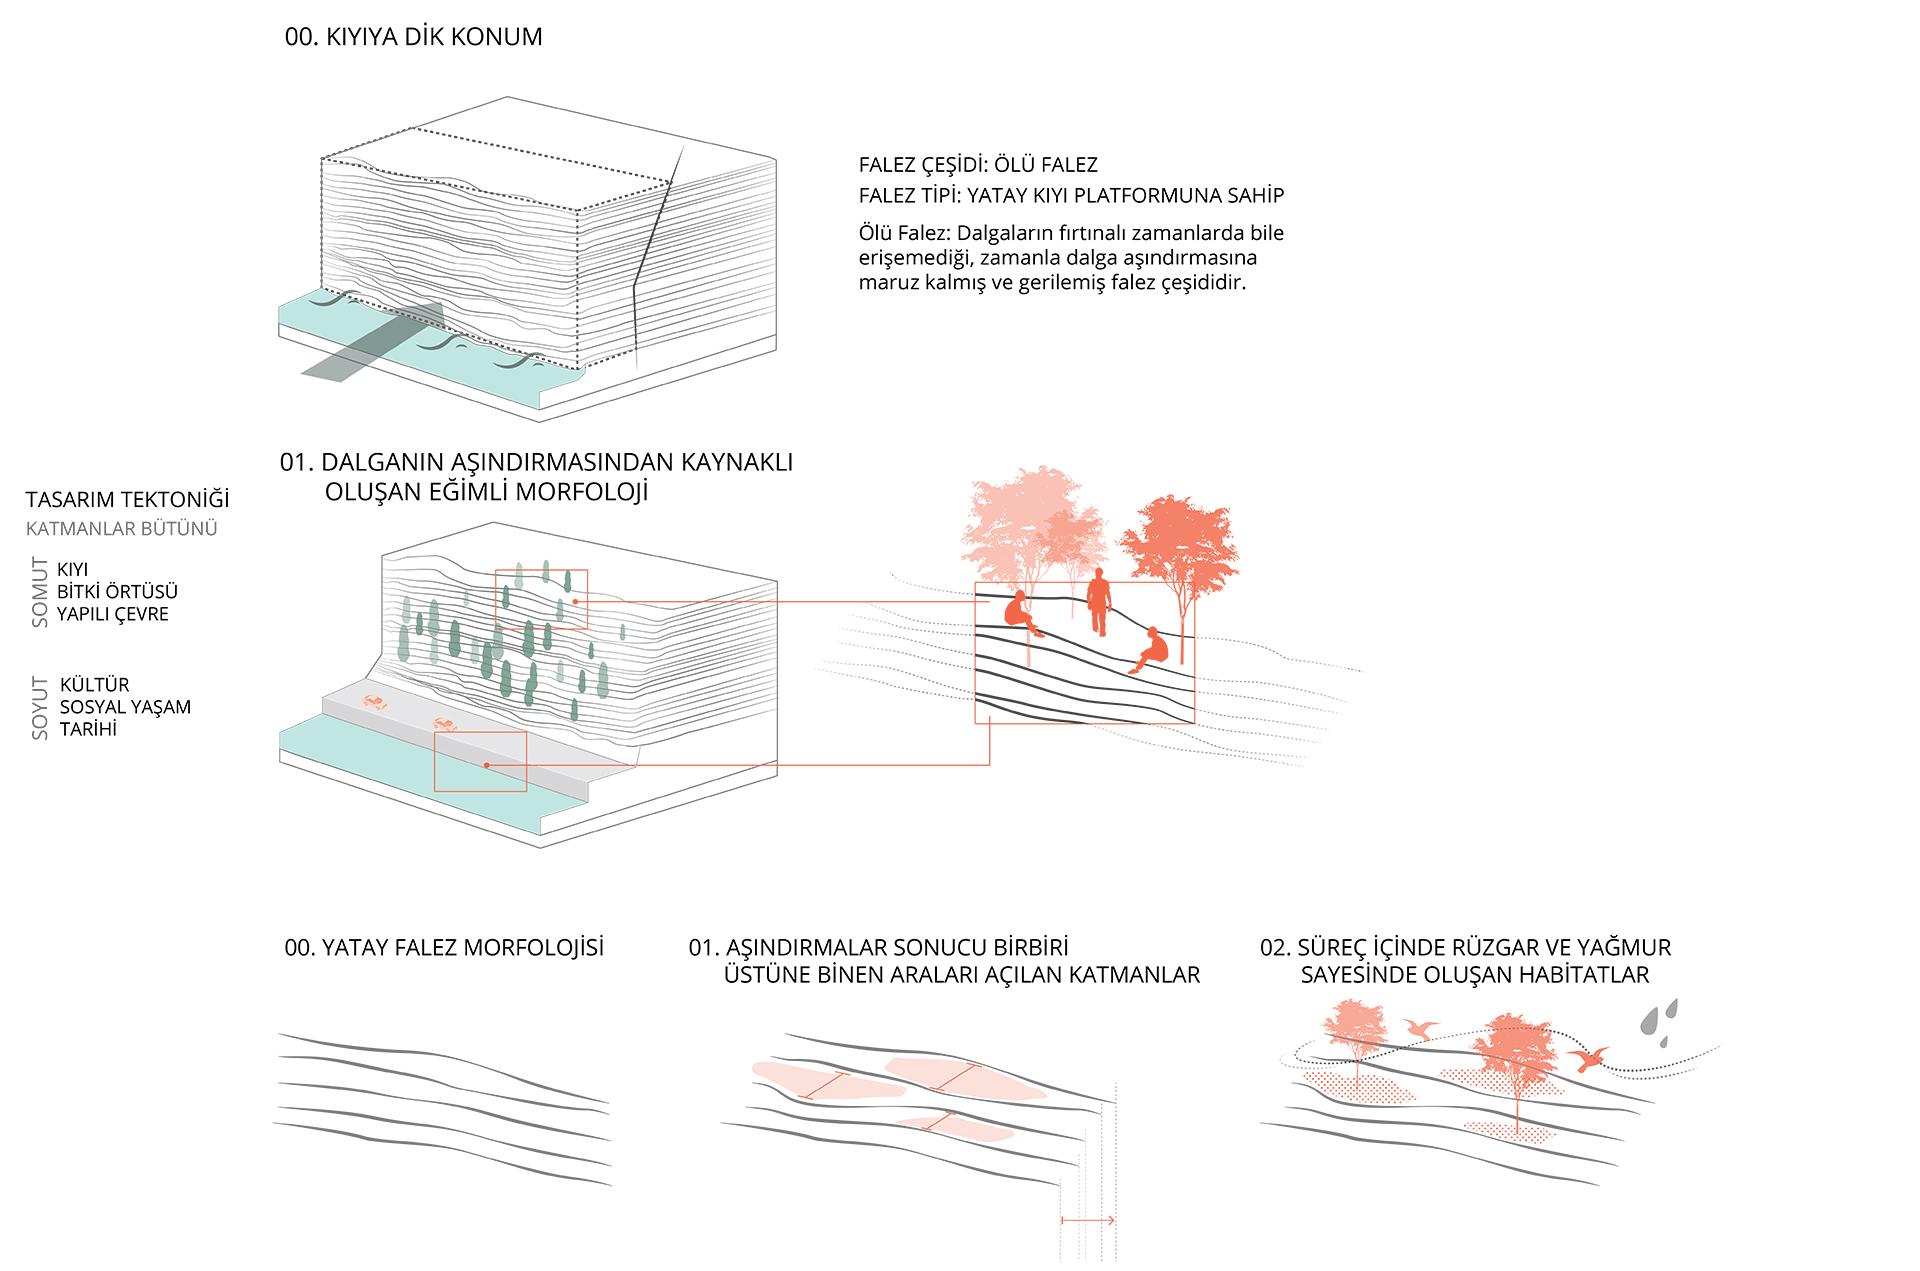 Biomimikli Tasarım